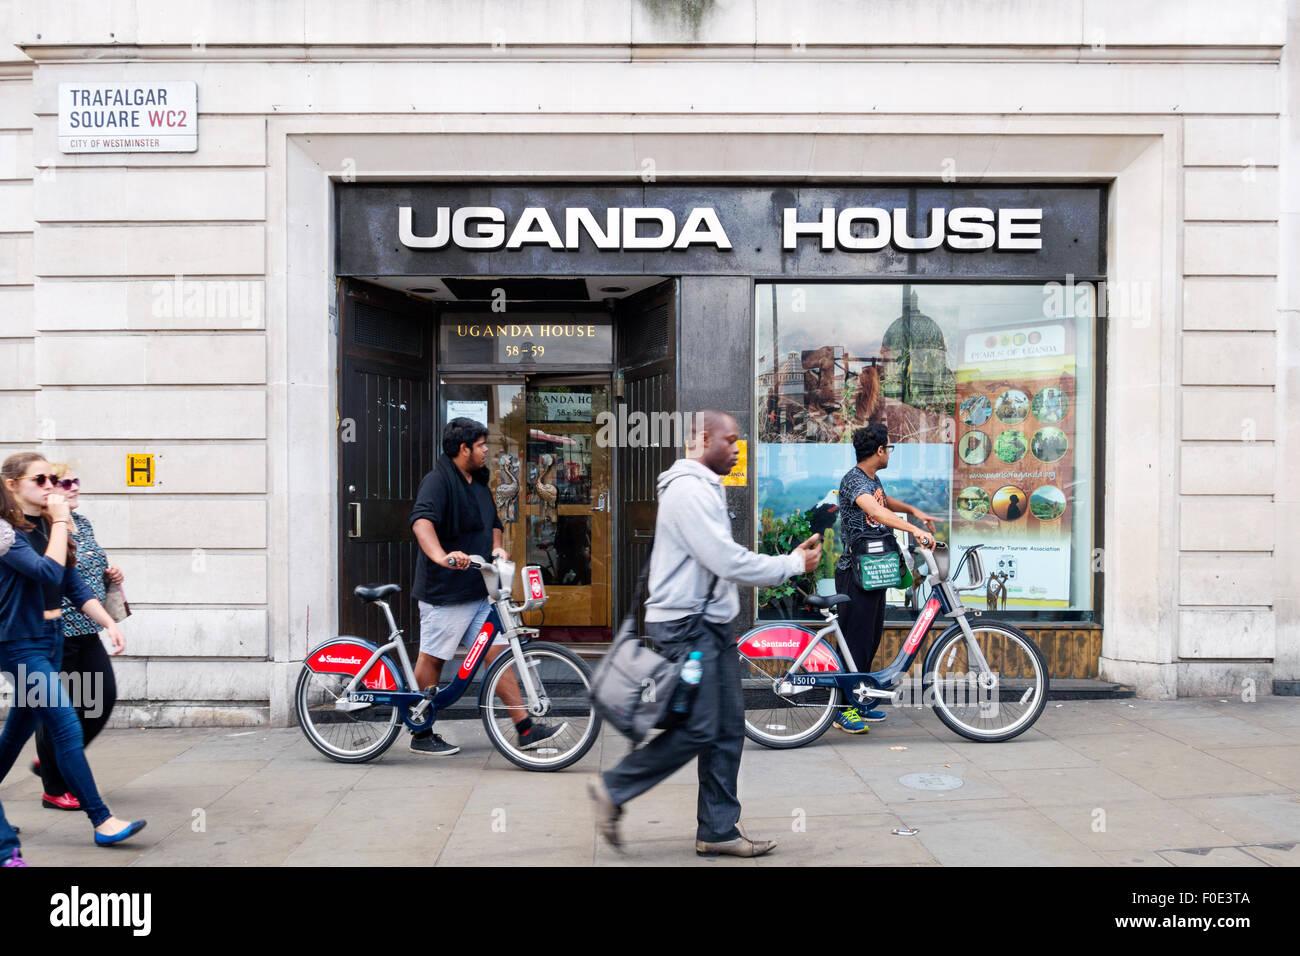 Les gens à l'extérieur de l'Ouganda, le Haut-commissariat de l'Ouganda, Trafalgar Square, Photo Stock